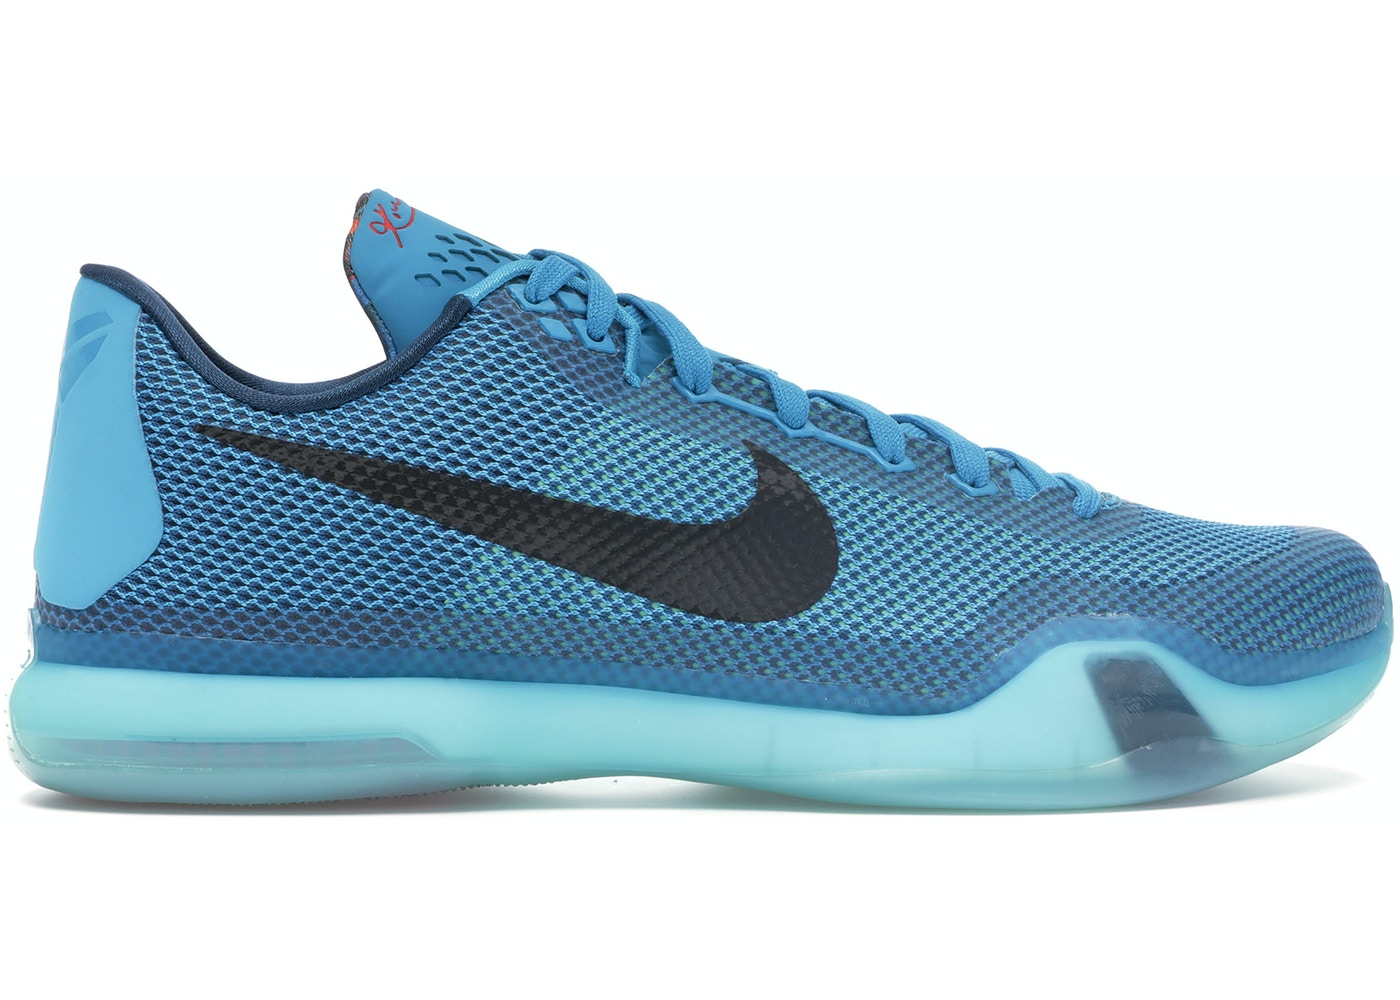 save off 996c8 b1aea Buy Nike Kobe 10 Shoes   Deadstock Sneakers